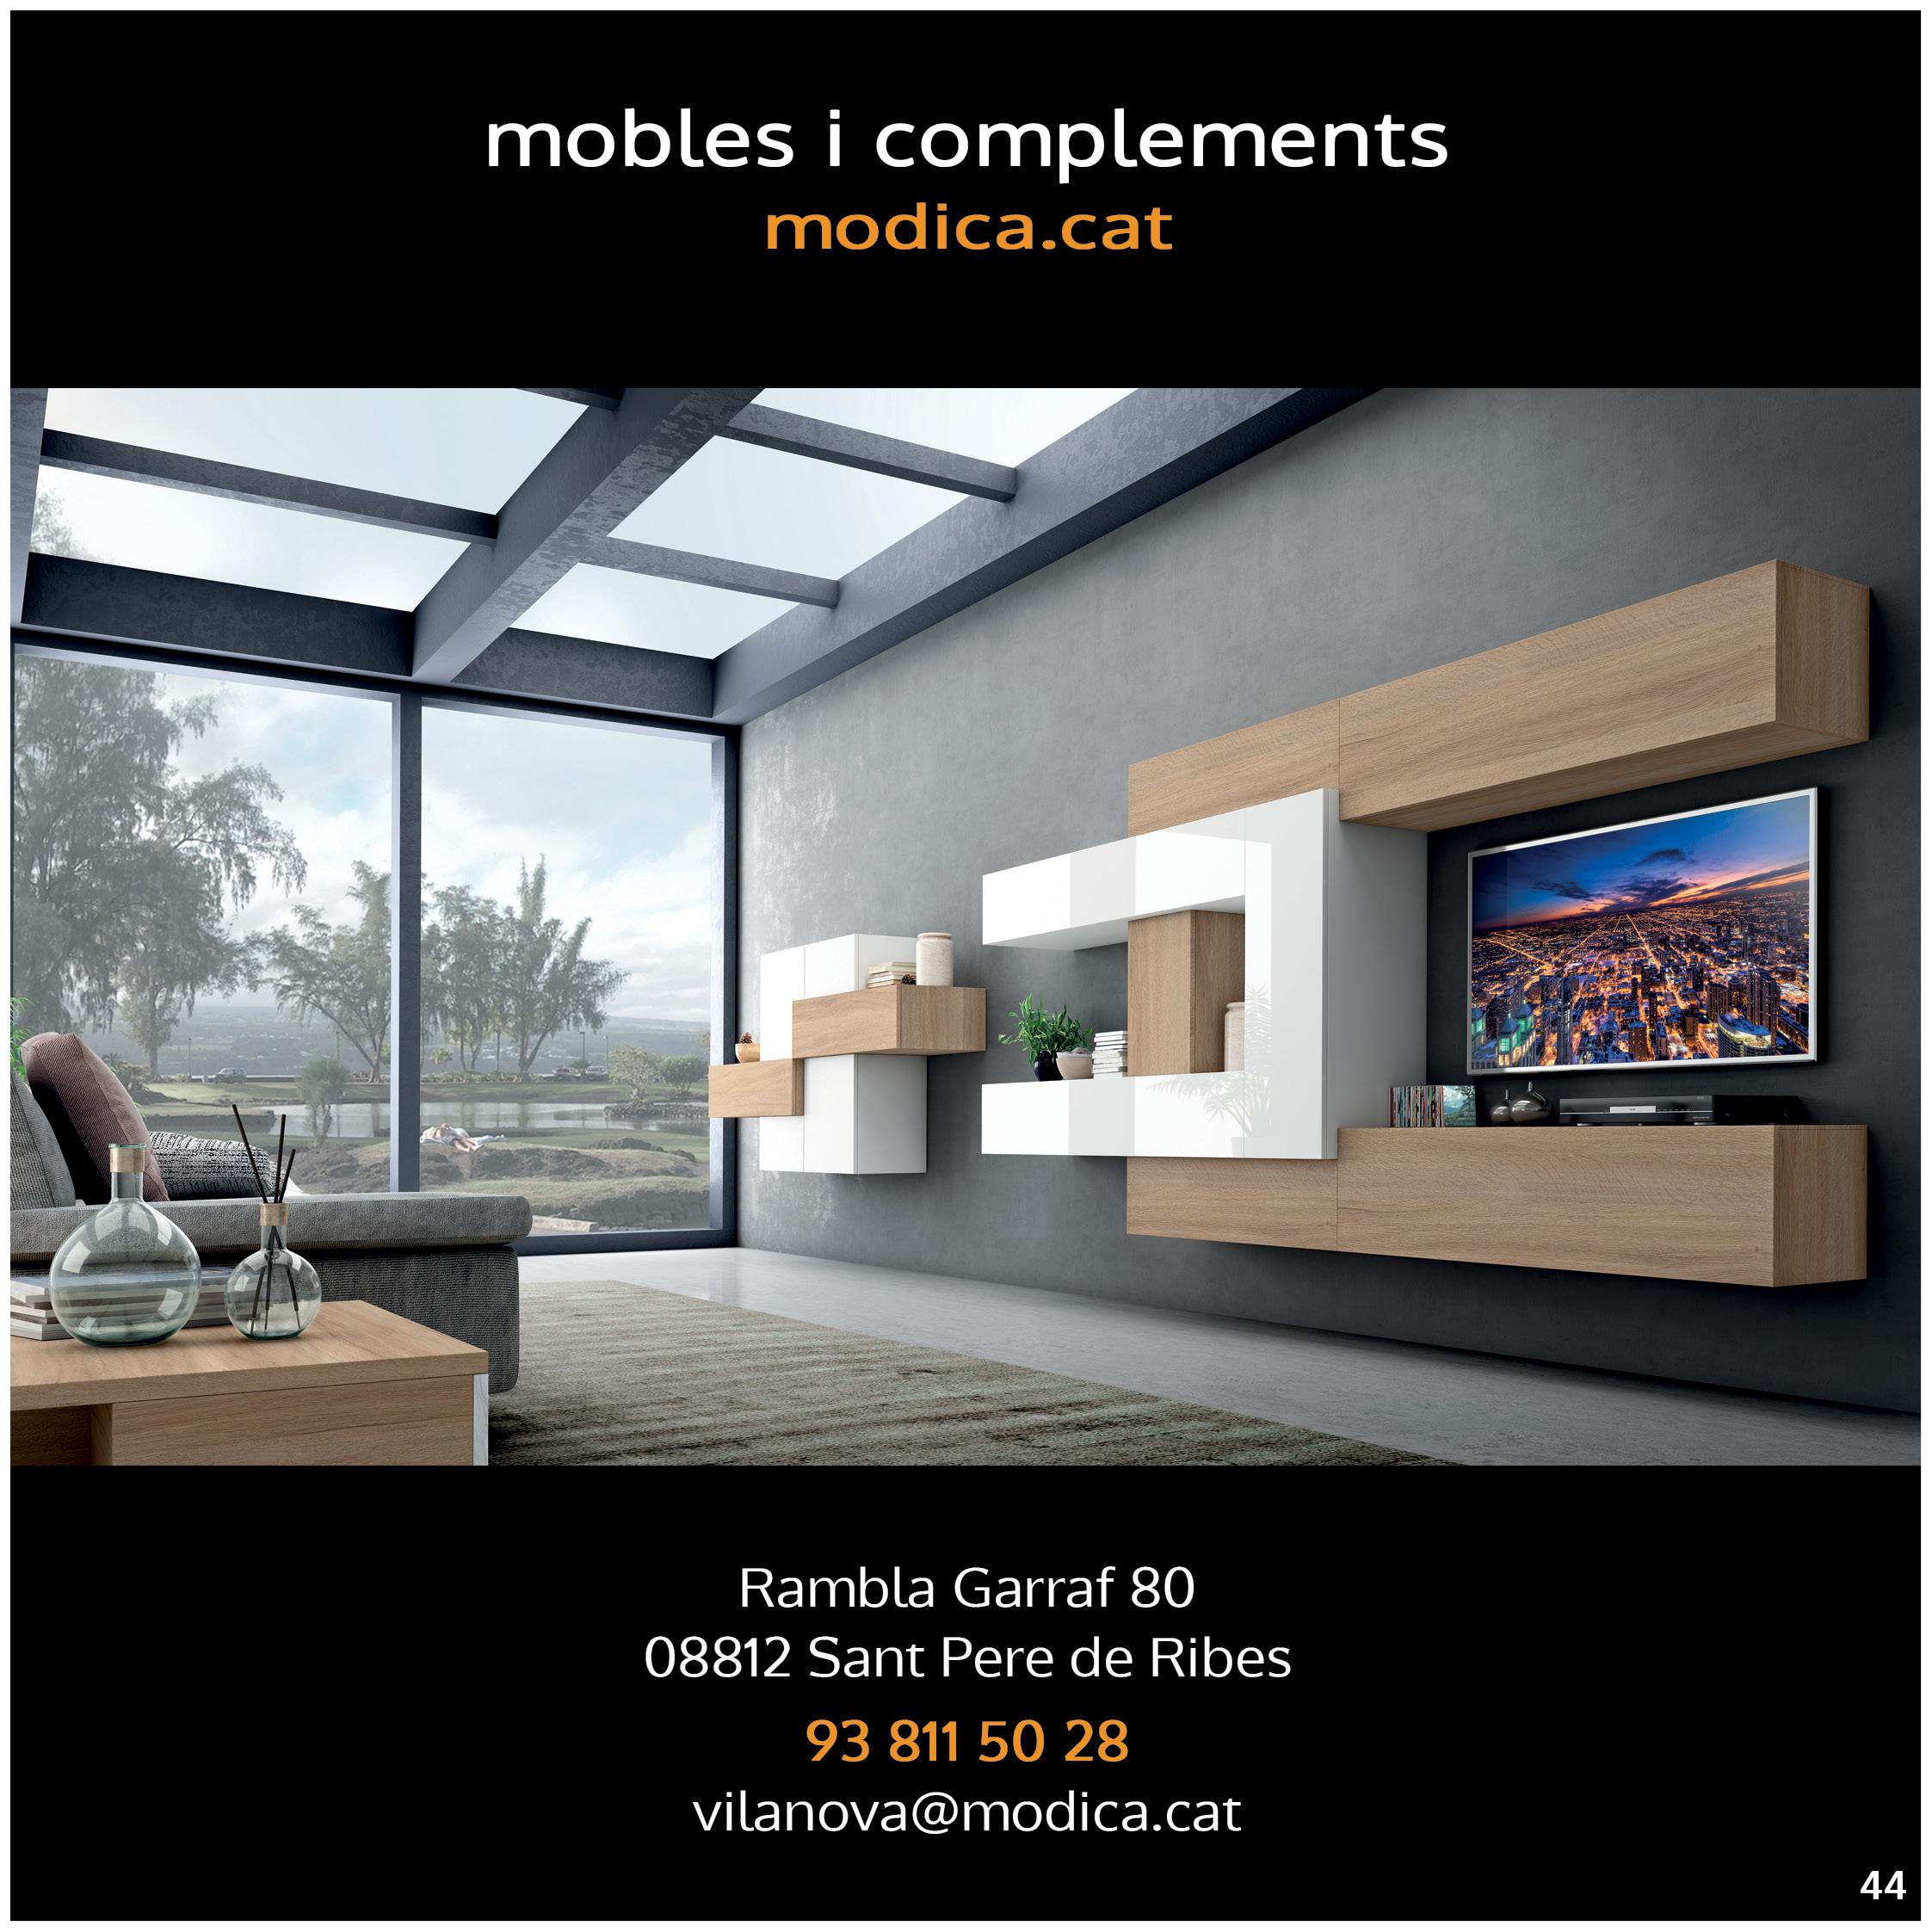 modica_mobles_complements_vilanova44